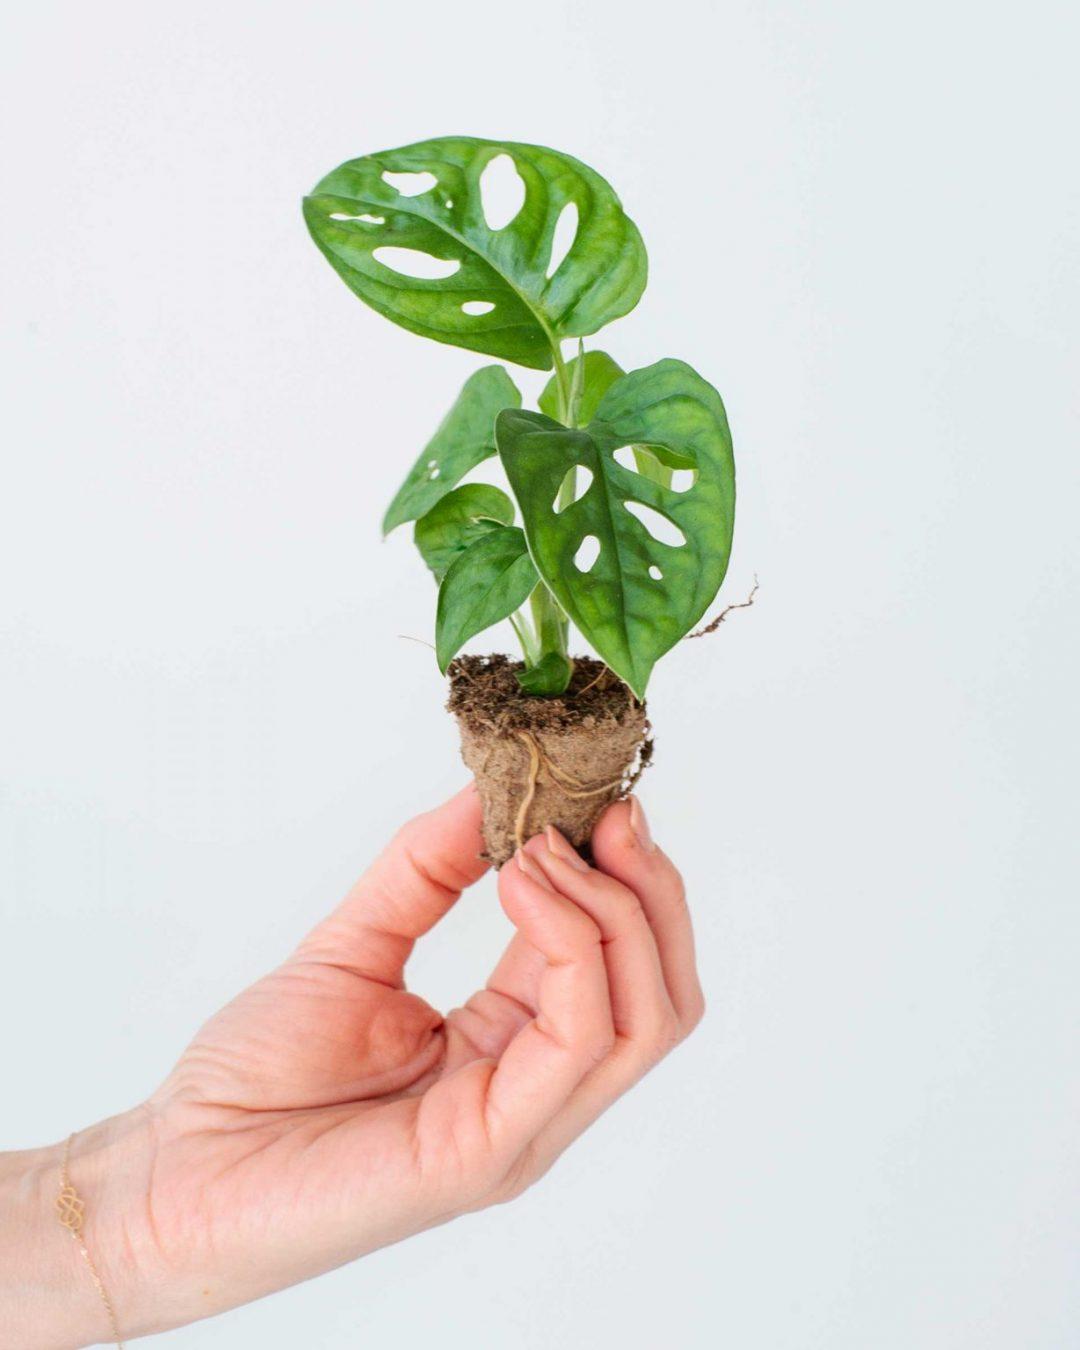 baby-plants-9-1